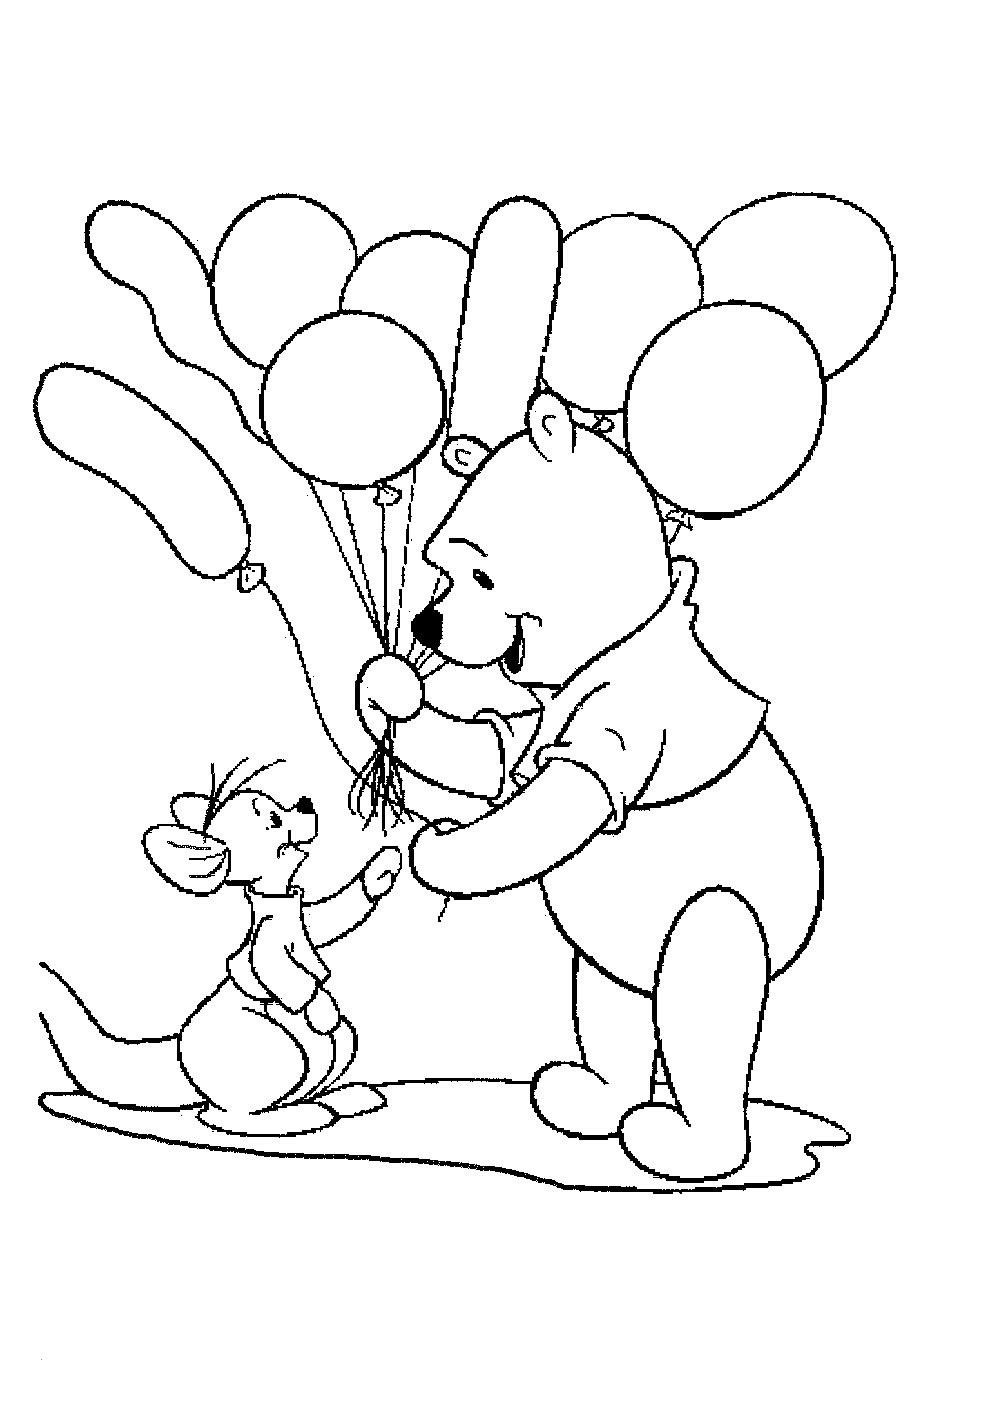 Winnie Pooh Baby Malvorlagen Frisch Ausmalbilder Winnie Puuh Inspirierend Ausmalbilder Winnie Puuh Galerie